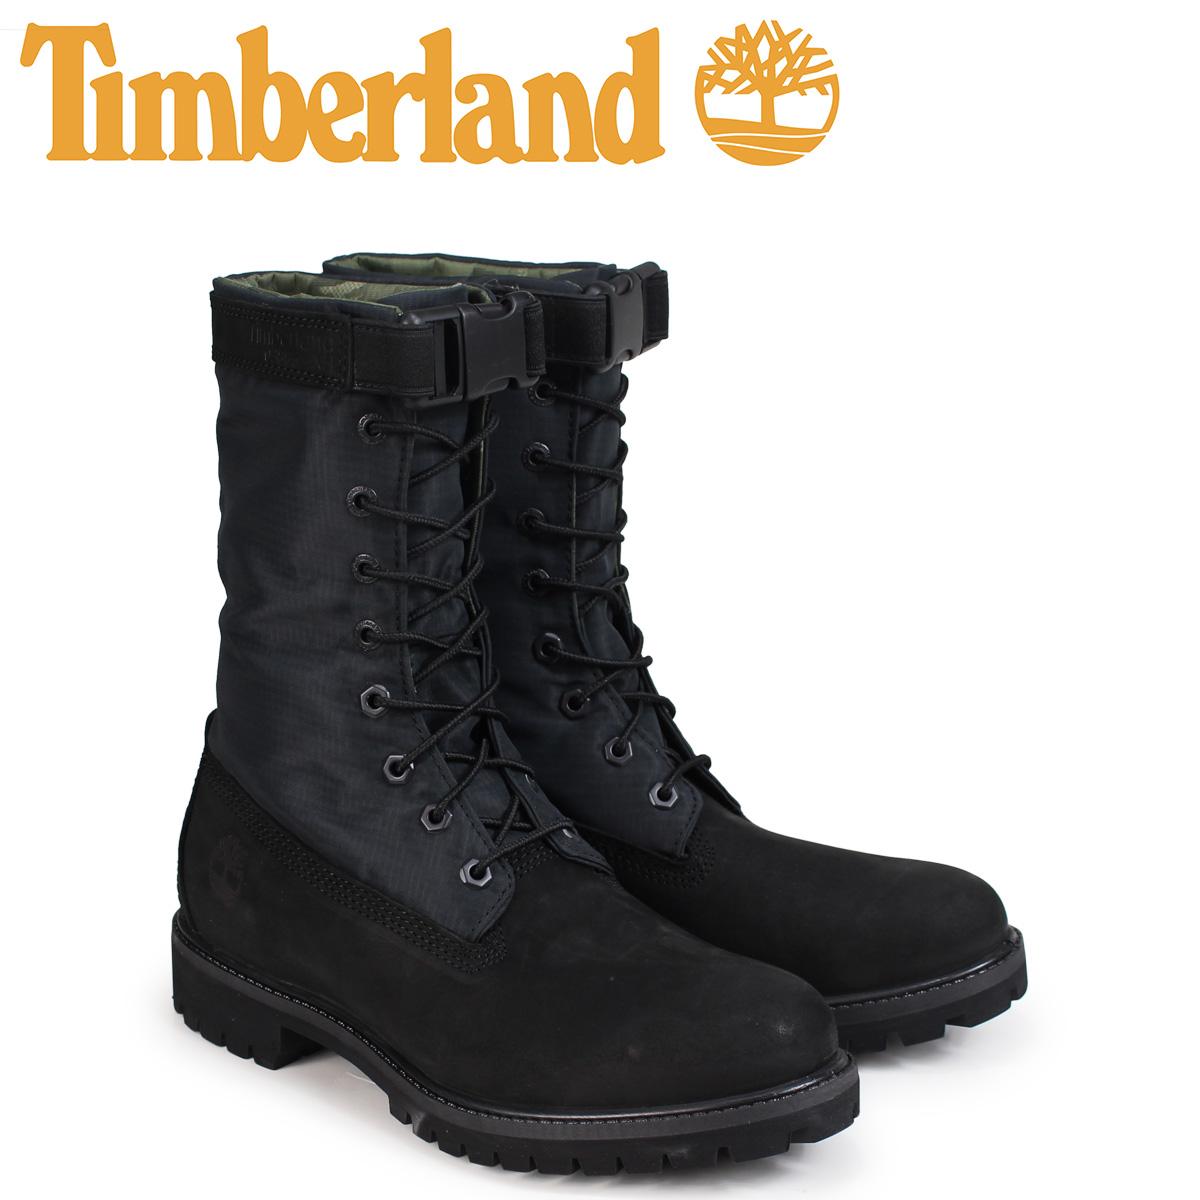 ティンバーランド Timberland ブーツ メンズ 6インチ 6-INCH PREMIUM GAITER BOOTS A1UBP Wワイズ ブラック